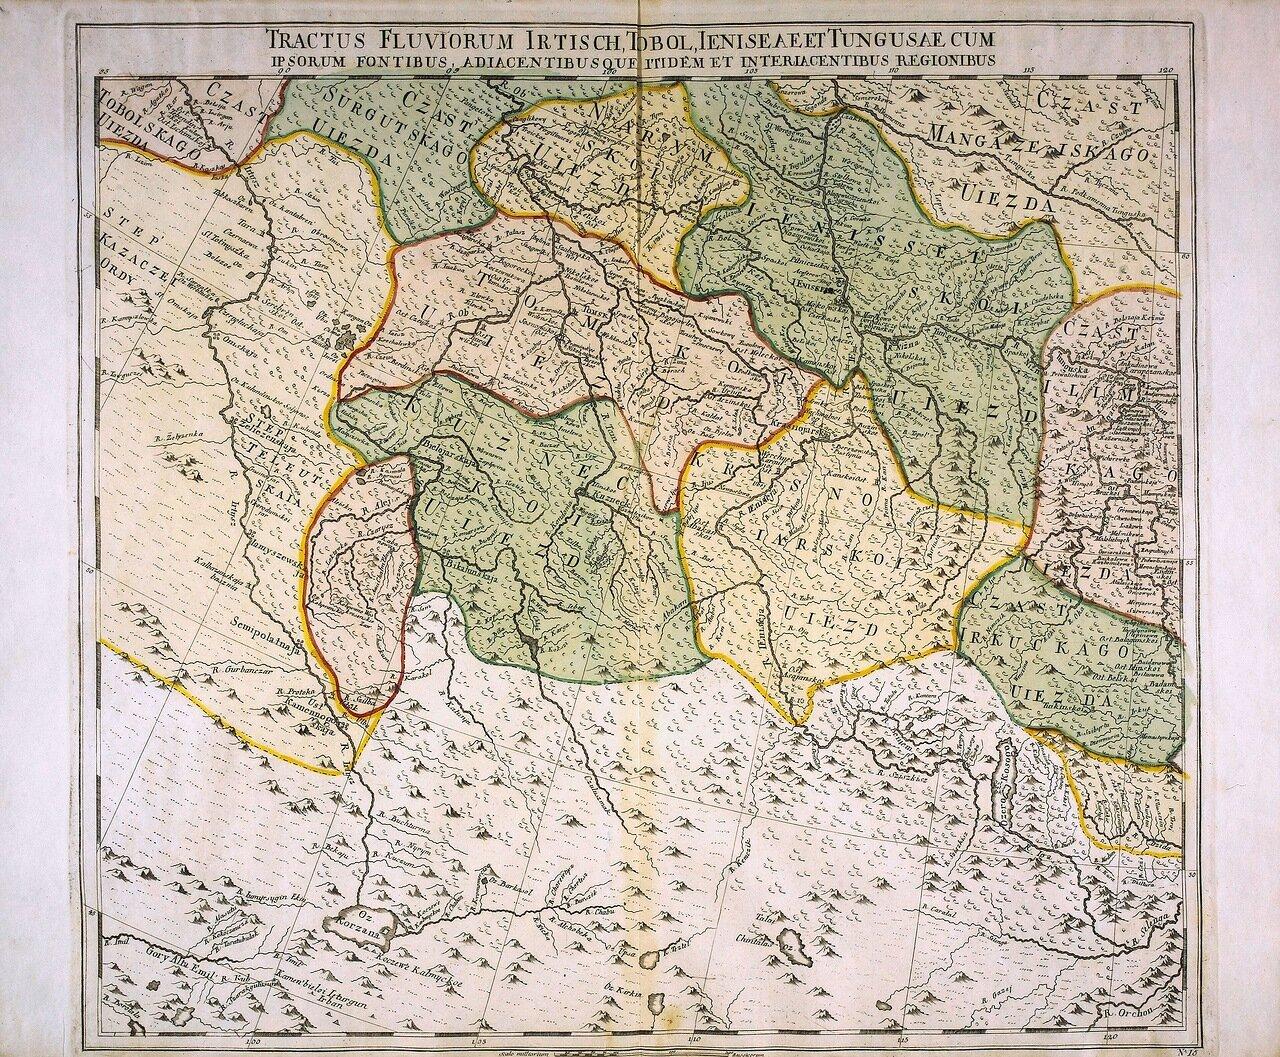 1745. Карта рек Иртыша, Тобола, Енисея и Тунгуски с их источниками и окружающими территориями